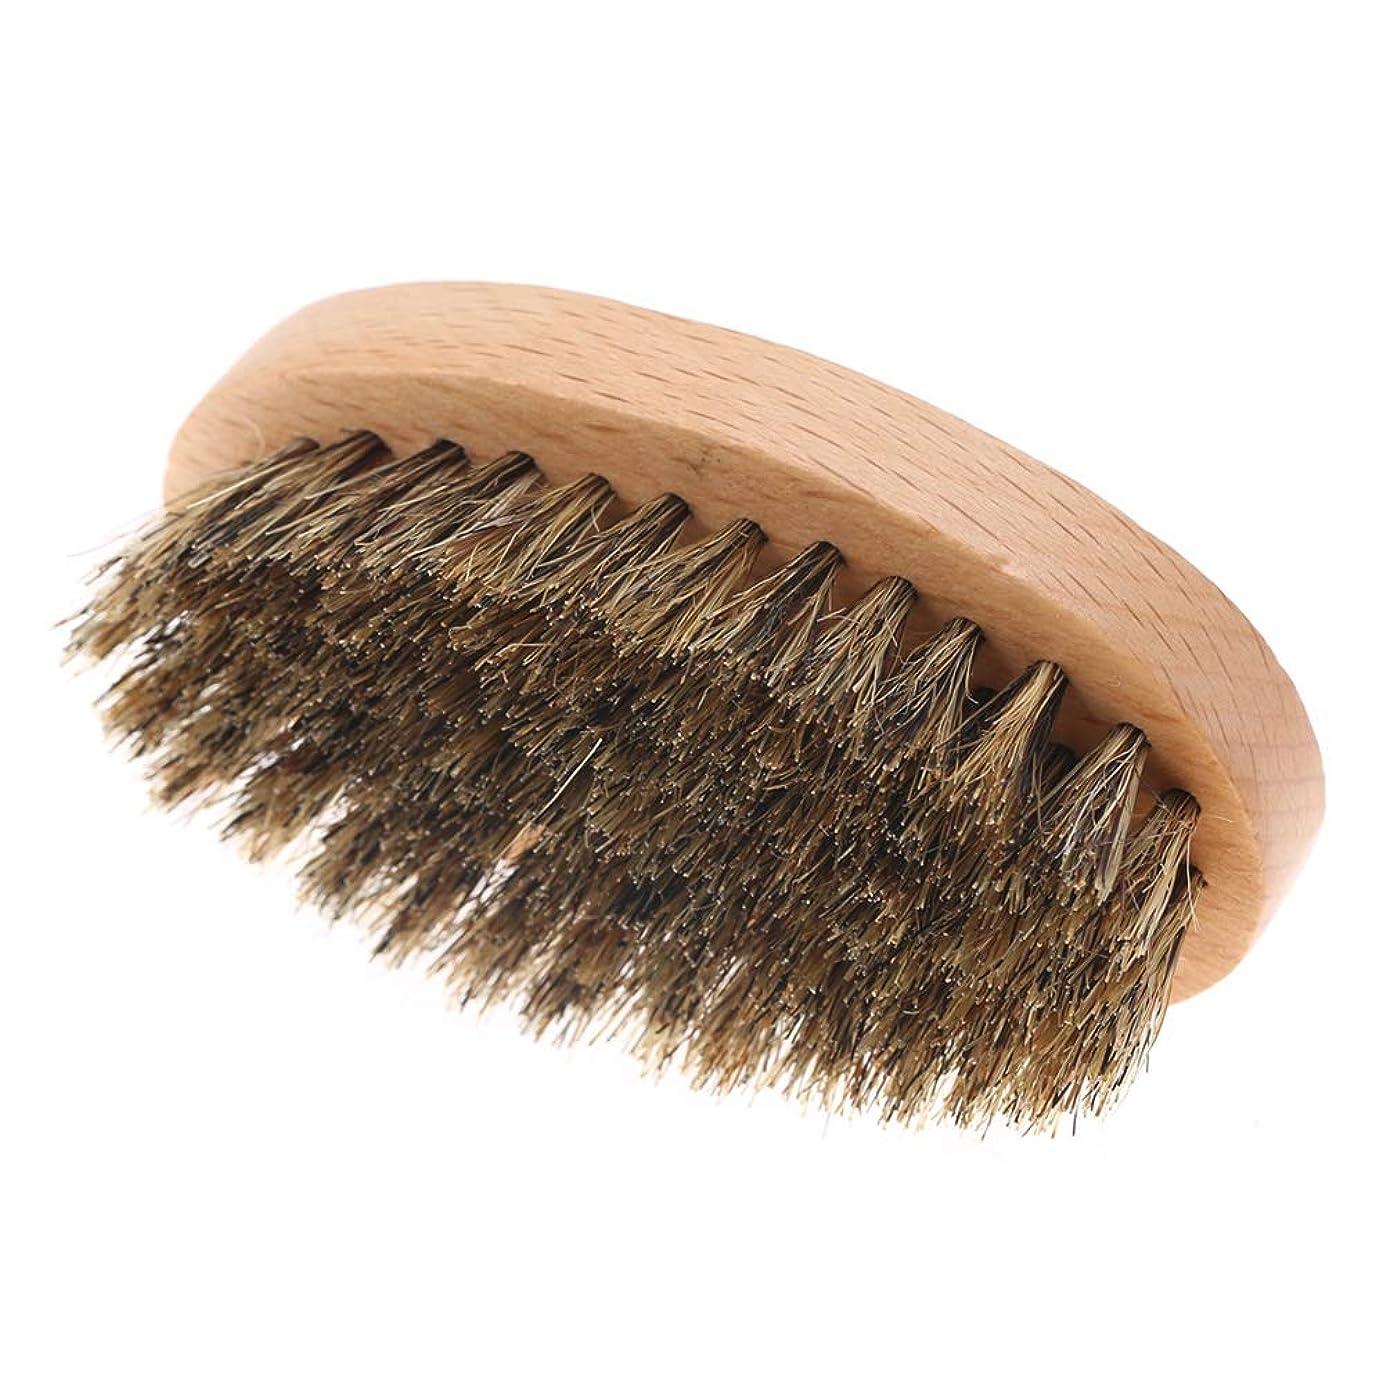 ブリーク植物の導入するYuyte 男性フェイスヘアクリーニングブラシ口ひげオーバルビアードシェービングマッサージブラシ